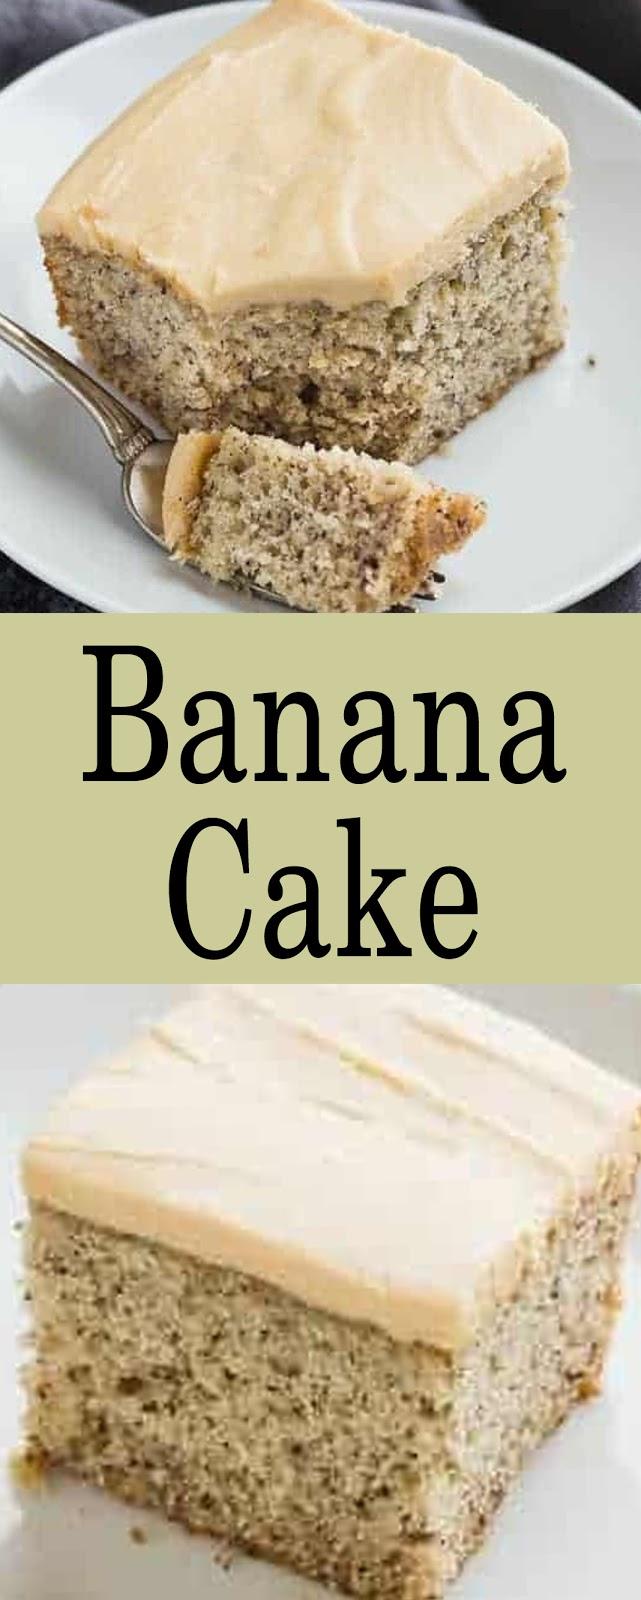 Recipe Banana Cake #cakes #recipes